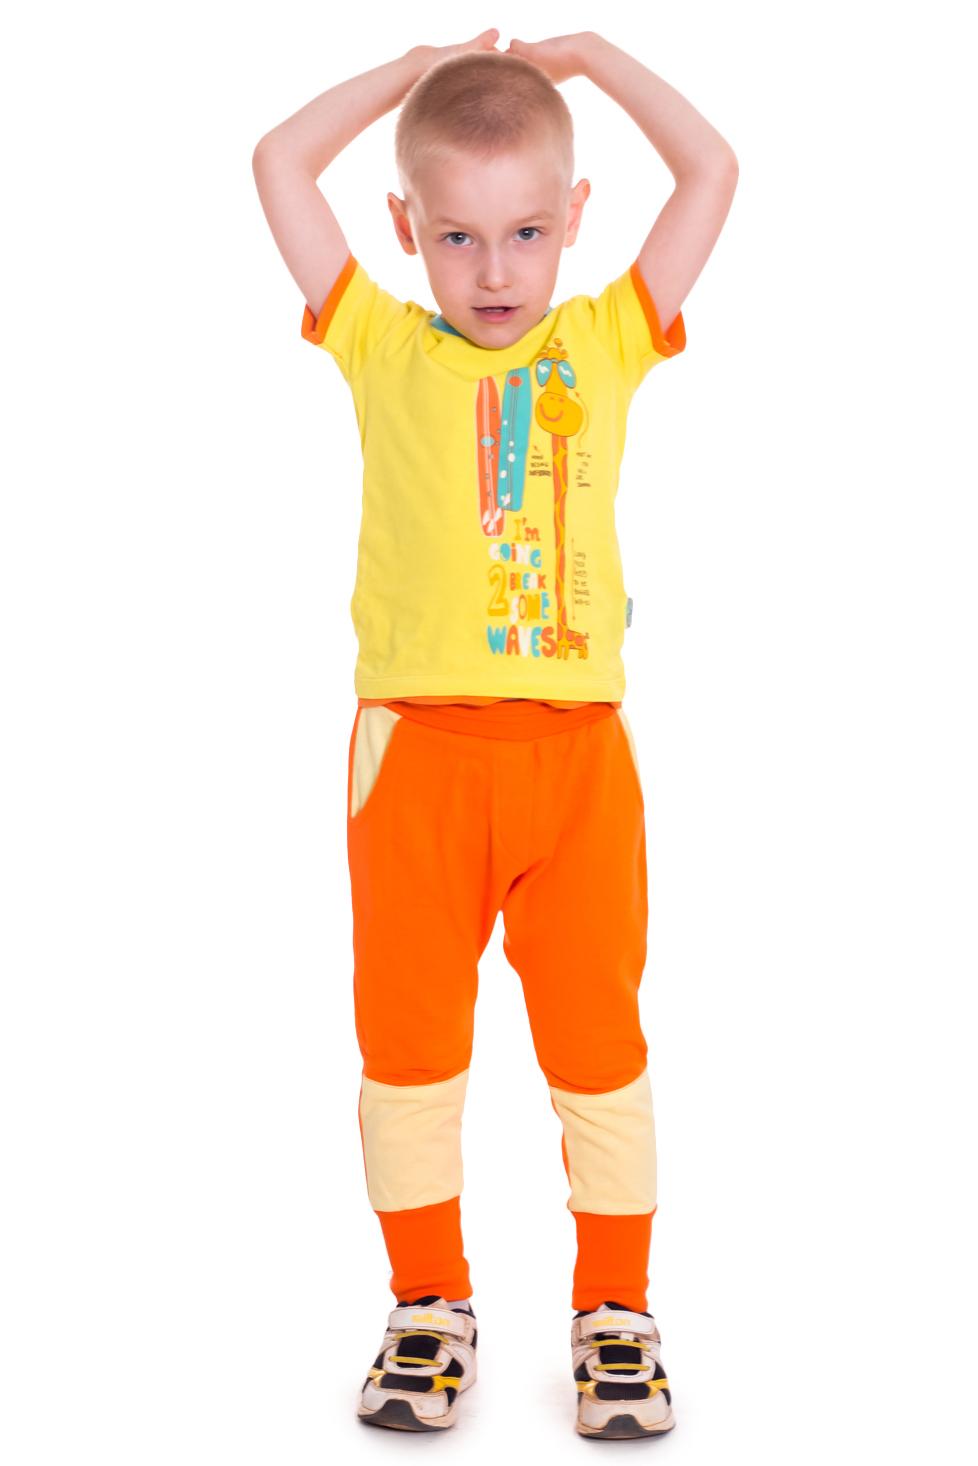 ШтаныБрюки<br>Трикотажные брюки для мальчика  В изделии использованы цвета: оранжевый, бежевый  Размер 74 соответствует росту 70-73 см Размер 80 соответствует росту 74-80 см Размер 86 соответствует росту 81-86 см Размер 92 соответствует росту 87-92 см Размер 98 соответствует росту 93-98 см Размер 104 соответствует росту 98-104 см Размер 110 соответствует росту 105-110 см Размер 116 соответствует росту 111-116 см Размер 122 соответствует росту 117-122 см Размер 128 соответствует росту 123-128 см Размер 134 соответствует росту 129-134 см Размер 140 соответствует росту 135-140 см Размер 146 соответствует росту 141-146 см Размер 152 соответствует росту 147-152 см Размер 158 соответствует росту 153-158 см Размер 164 соответствует росту 159-164 см<br><br>По возрасту: Дошкольные ( от 3 до 7 лет),Школьные ( от 7 до 13 лет)<br>По материалу: Трикотажные,Хлопковые<br>По образу: Повседневные,Спорт,Уличные<br>По силуэту: Полуприталенные<br>По стилю: Спортивные<br>По элементам: На резинке,С карманами<br>По сезону: Осень,Весна<br>По рисунку: Цветные<br>Размер : 116,122,128<br>Материал: Трикотаж<br>Количество в наличии: 4